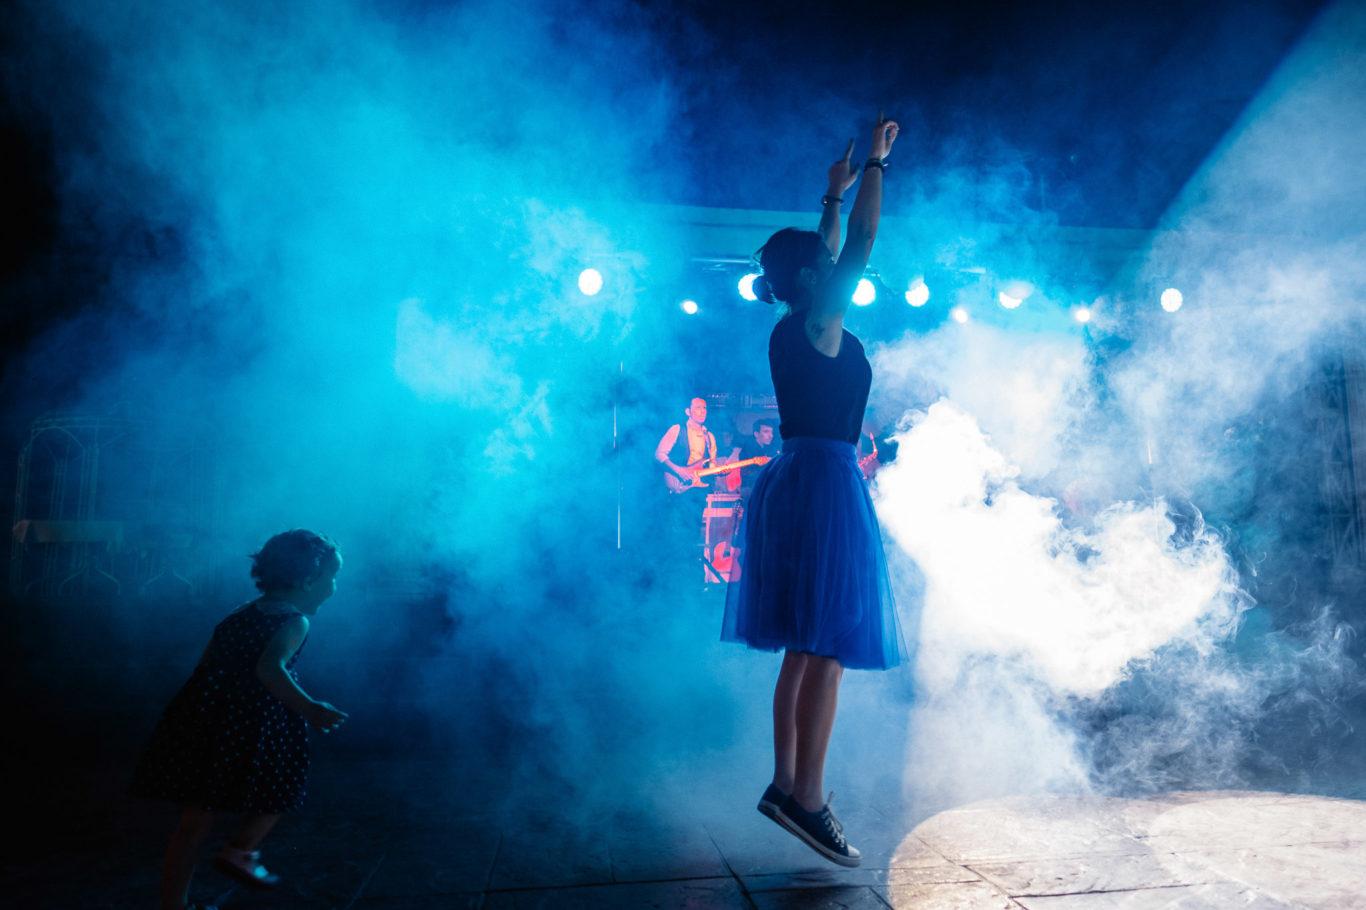 0629-Fotografie-nunta-botez-Ingrid-Geta-Mihai-fotograf-Ciprian-Dumitrescu-DSCF3965